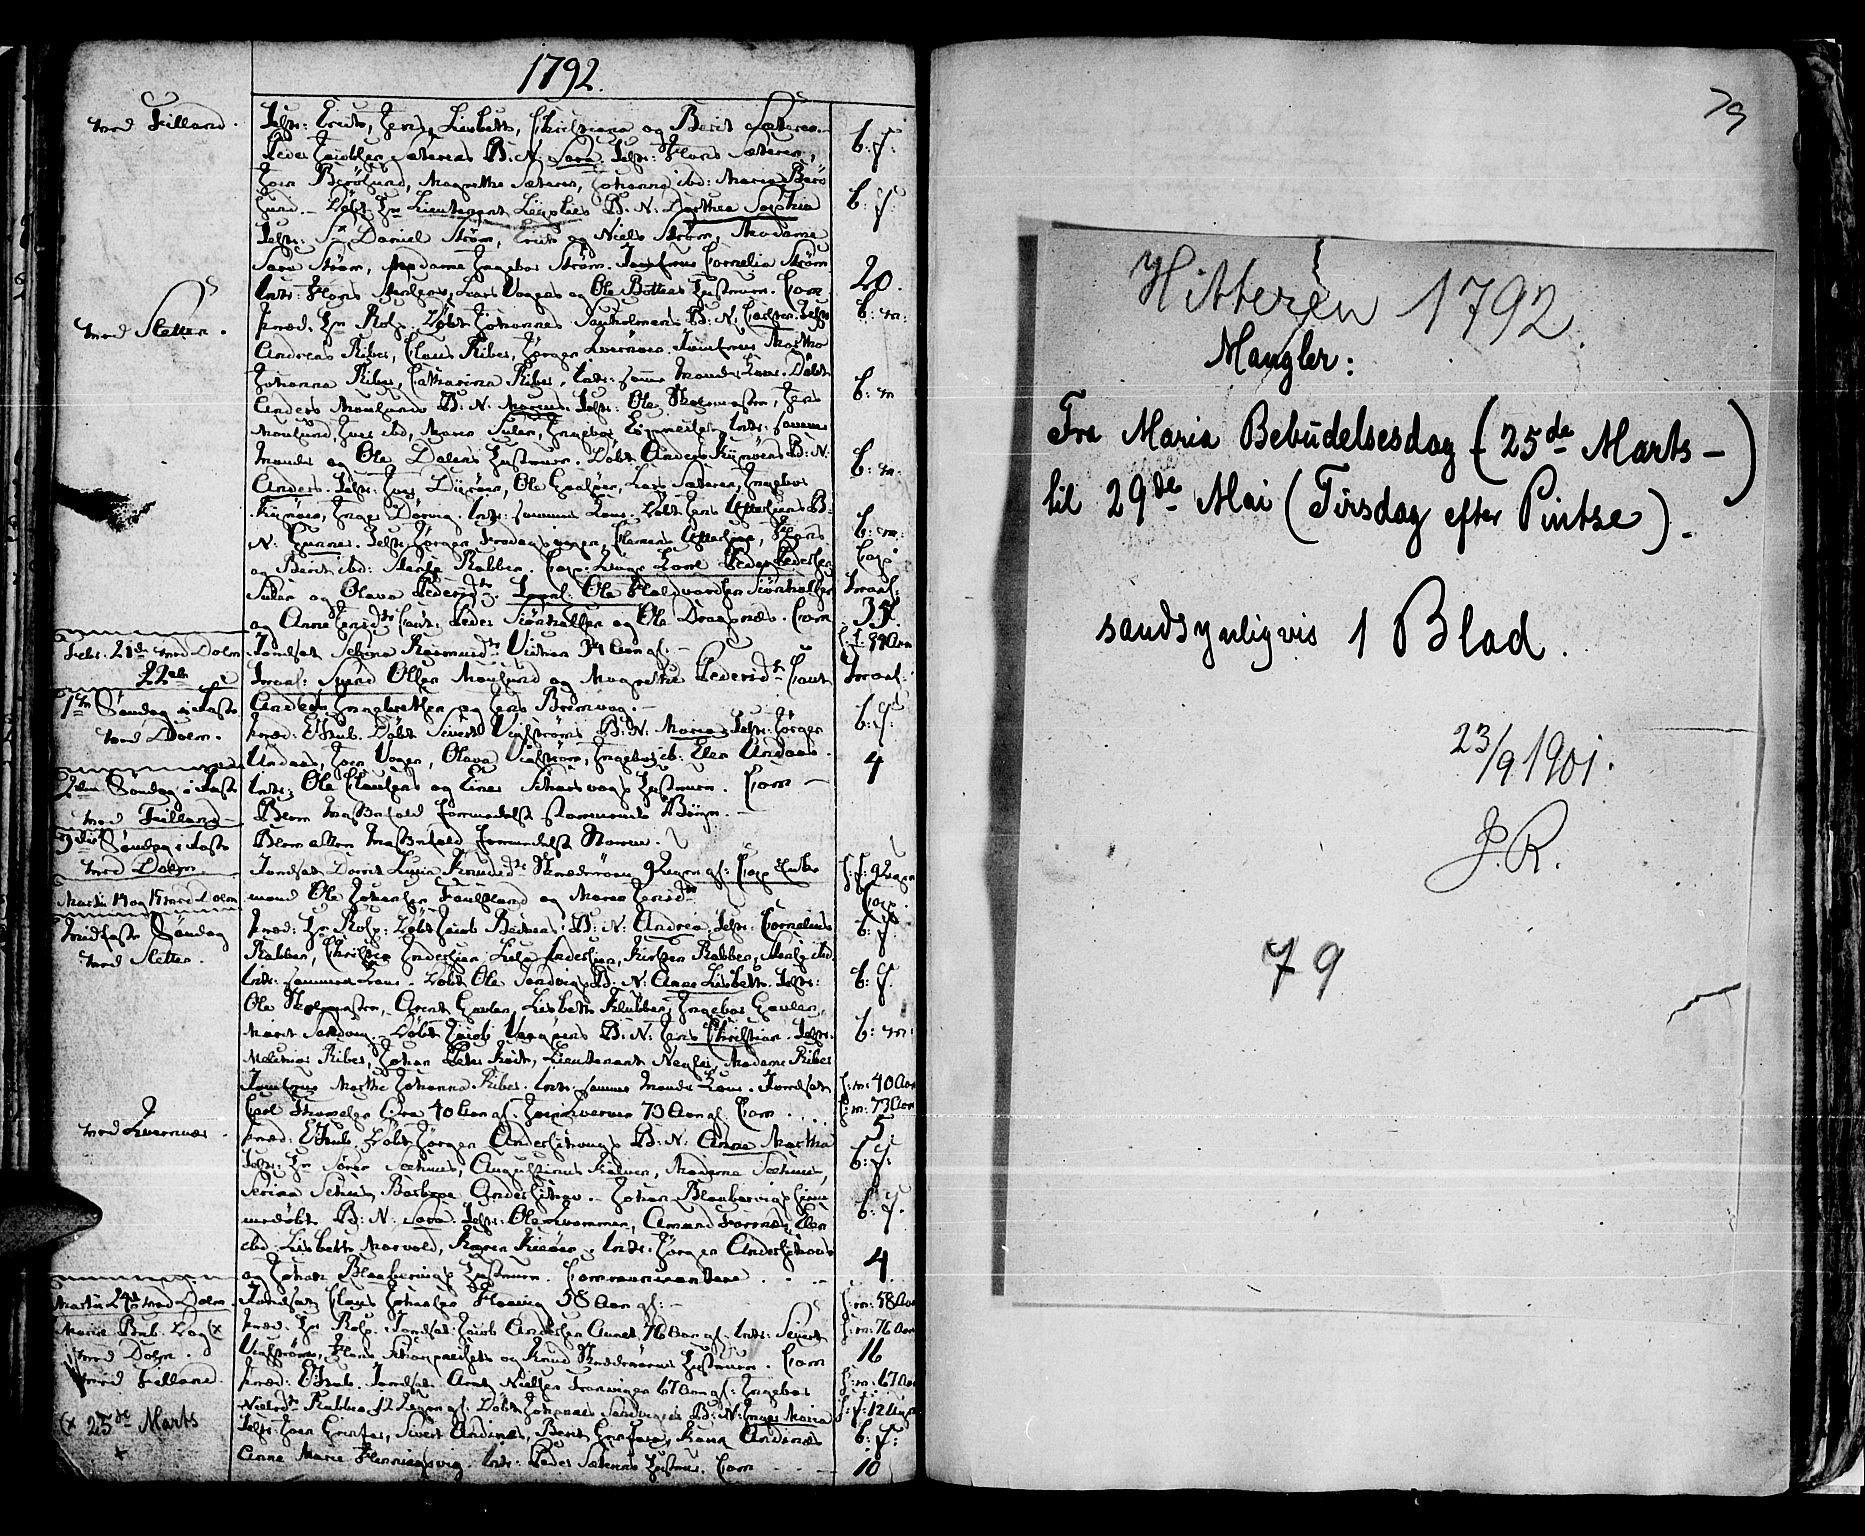 SAT, Ministerialprotokoller, klokkerbøker og fødselsregistre - Sør-Trøndelag, 634/L0526: Ministerialbok nr. 634A02, 1775-1818, s. 79